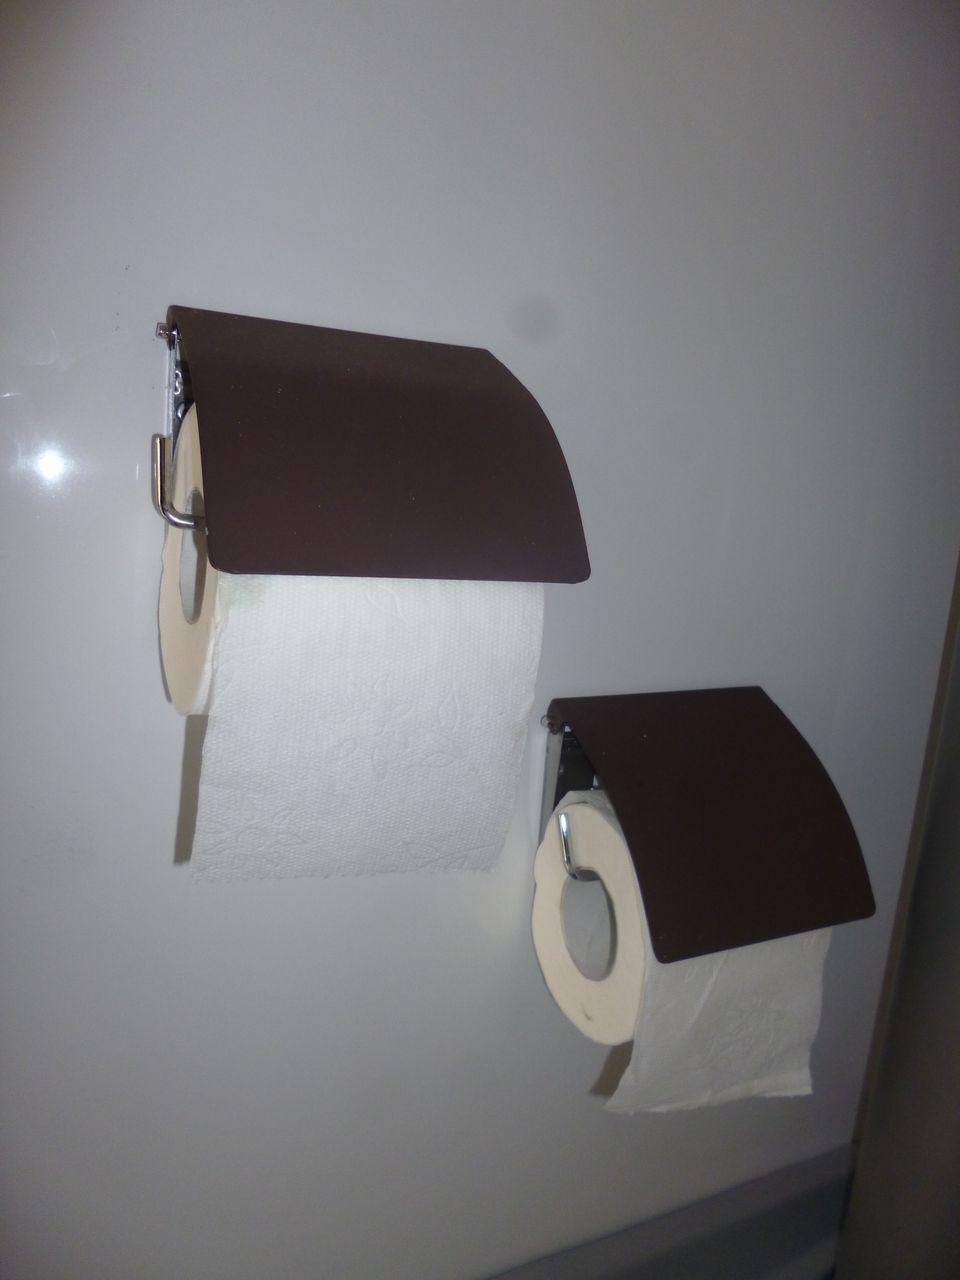 d vidoirs papier toilette dans caravane luxe bio. Black Bedroom Furniture Sets. Home Design Ideas